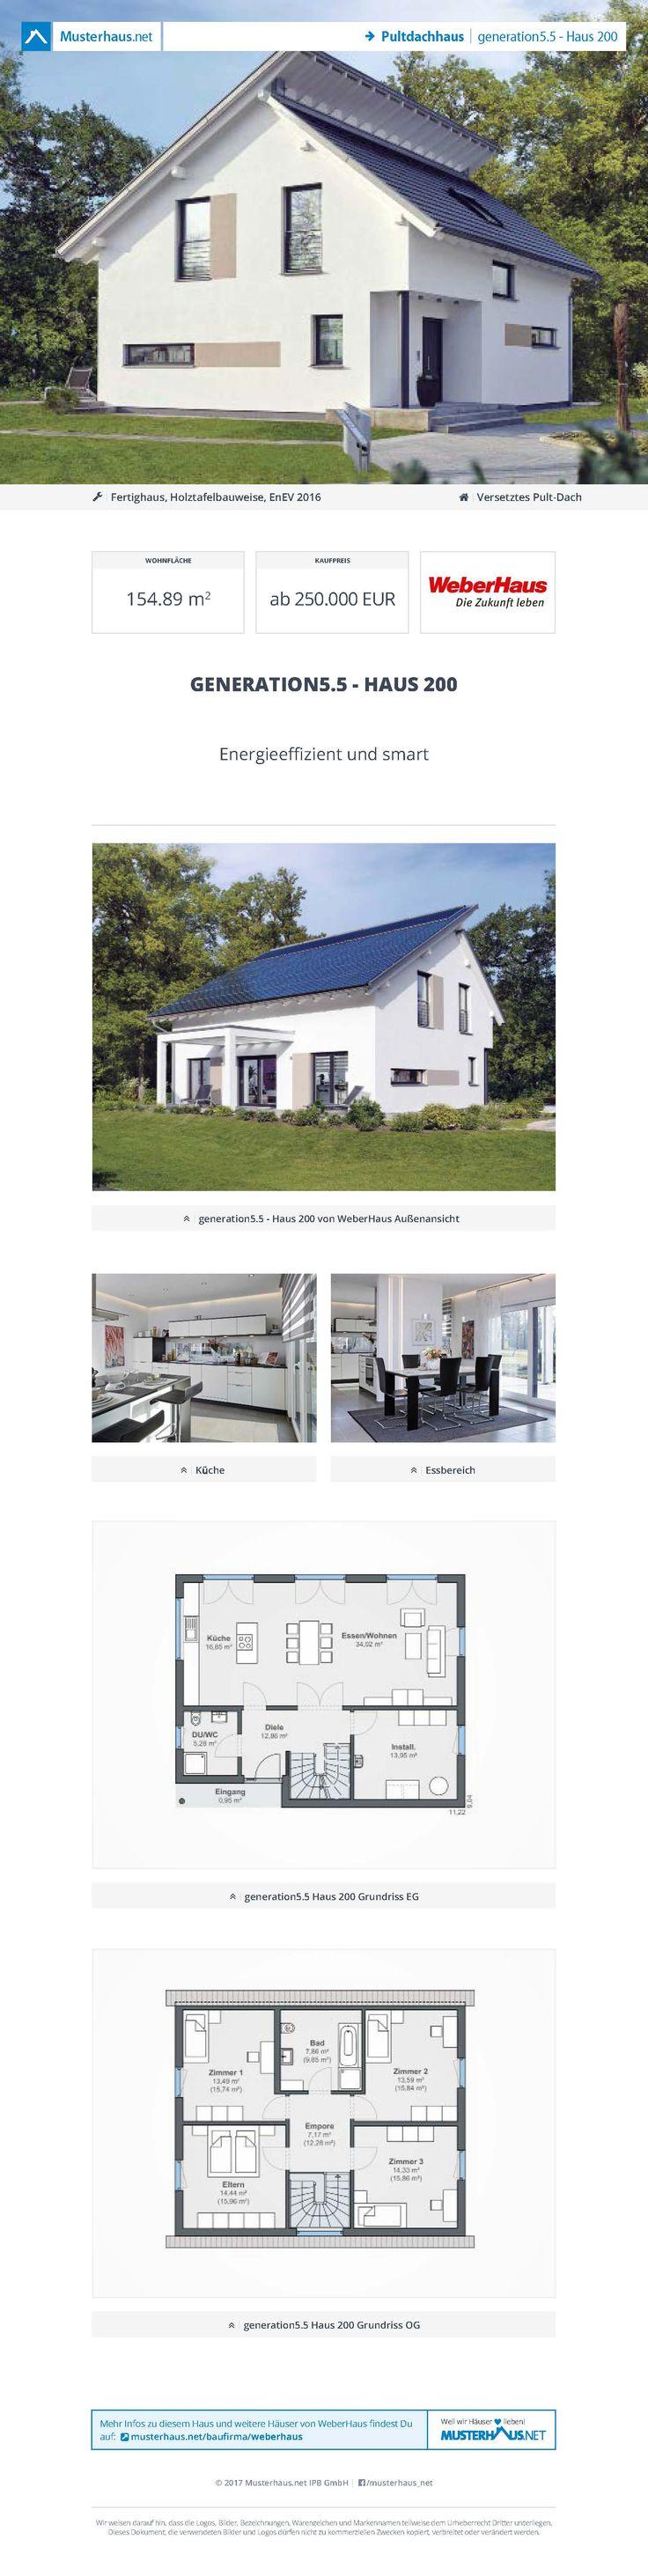 Generation5.5   Haus 200 U2022 Pultdachhaus Von WeberHaus U2022 Energieeffizientes  Fertighaus Mit Weißem Edelputz